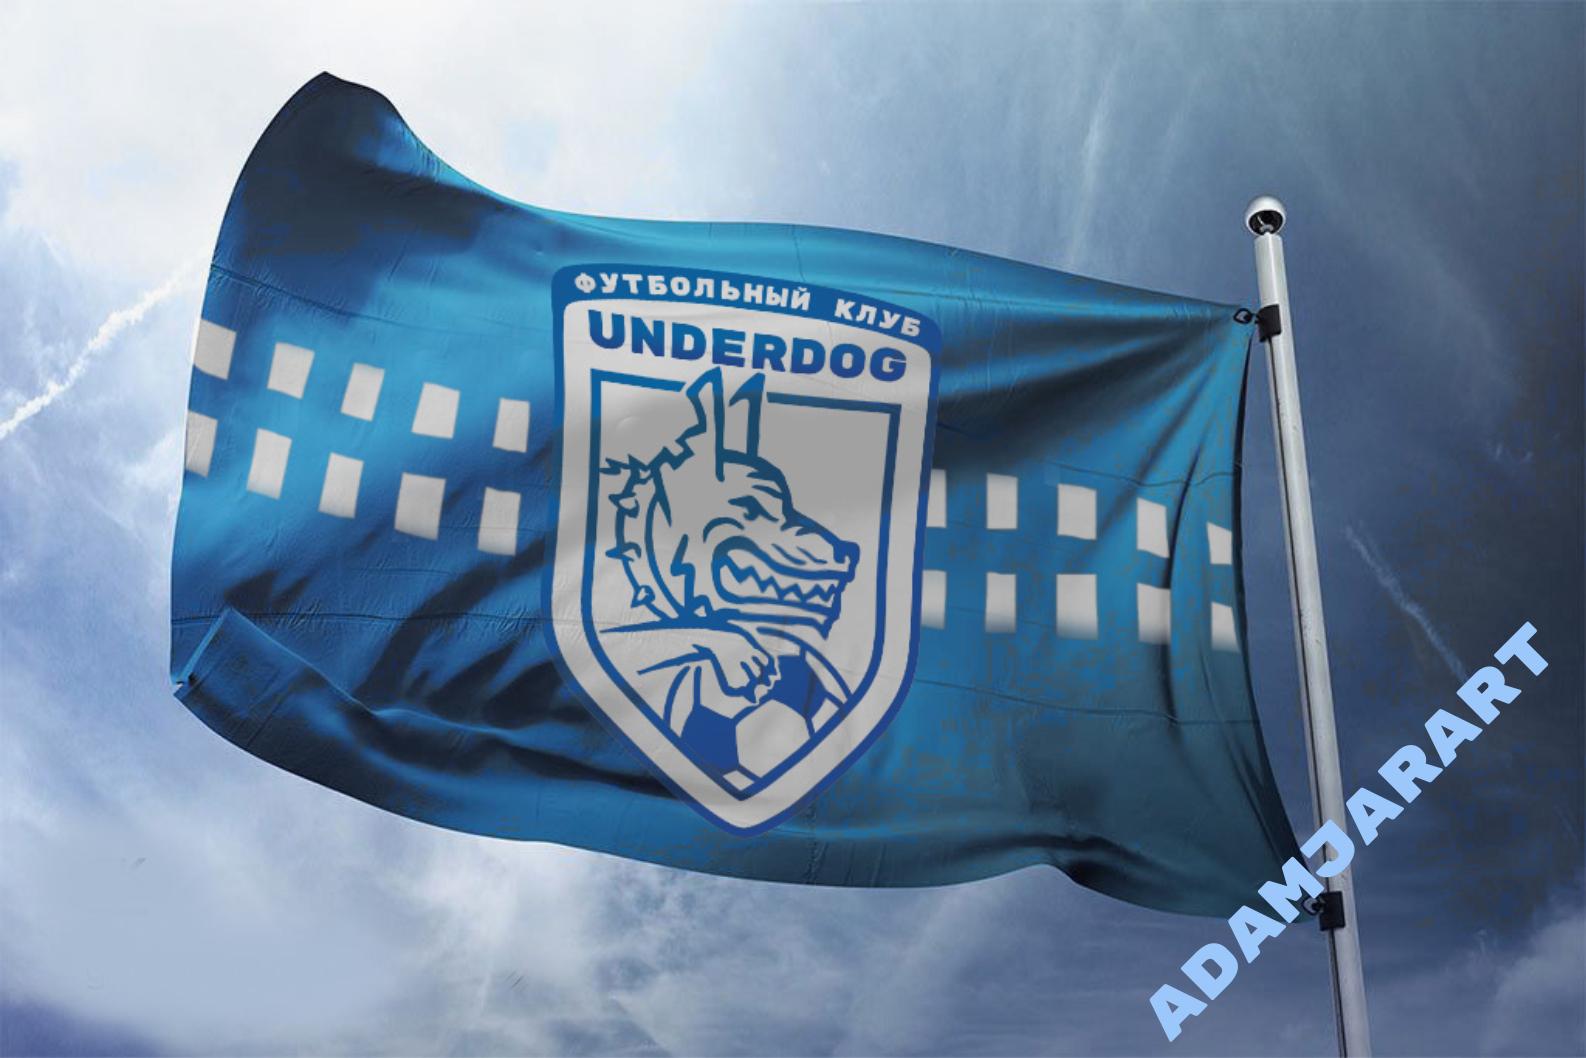 Футбольный клуб UNDERDOG - разработать фирстиль и бренд-бук фото f_6675cb49730dd9ef.jpg